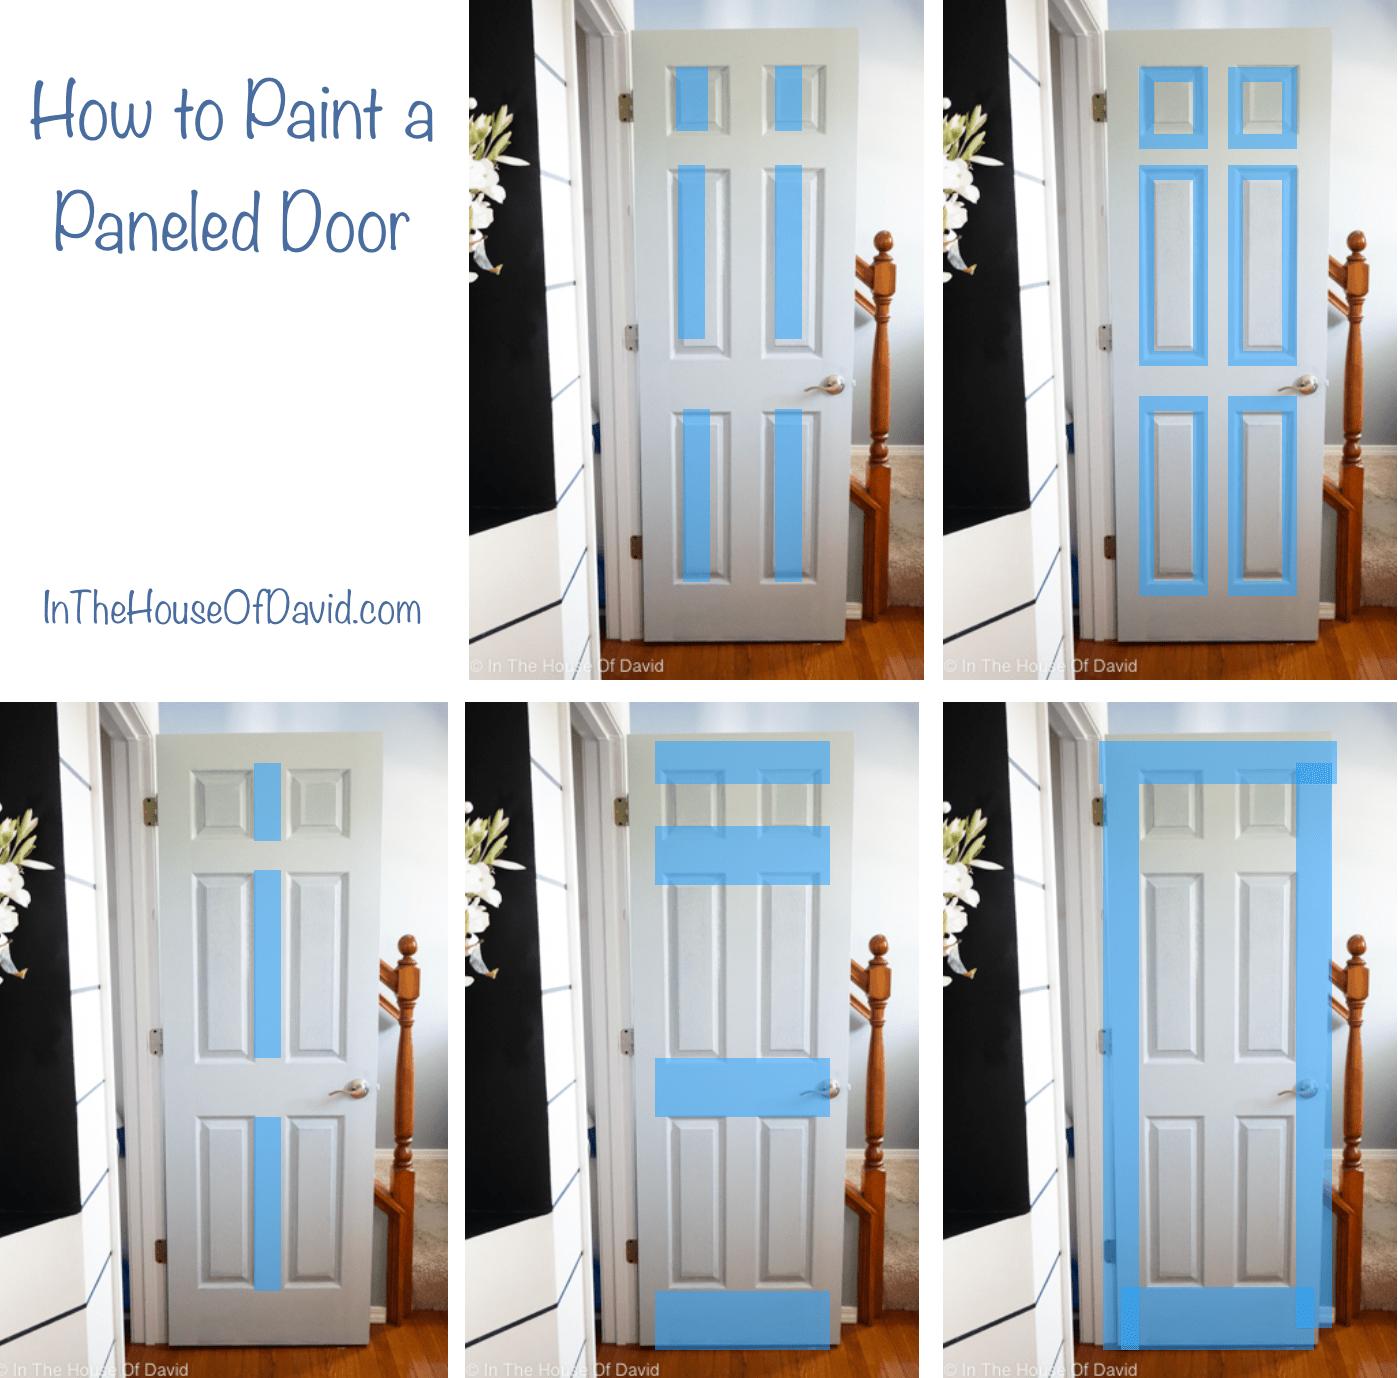 #Painting #Doorpainting #Bluedoors #Blushdoors #Pinkdoors #Diy #Paint #Sherwinwilliams